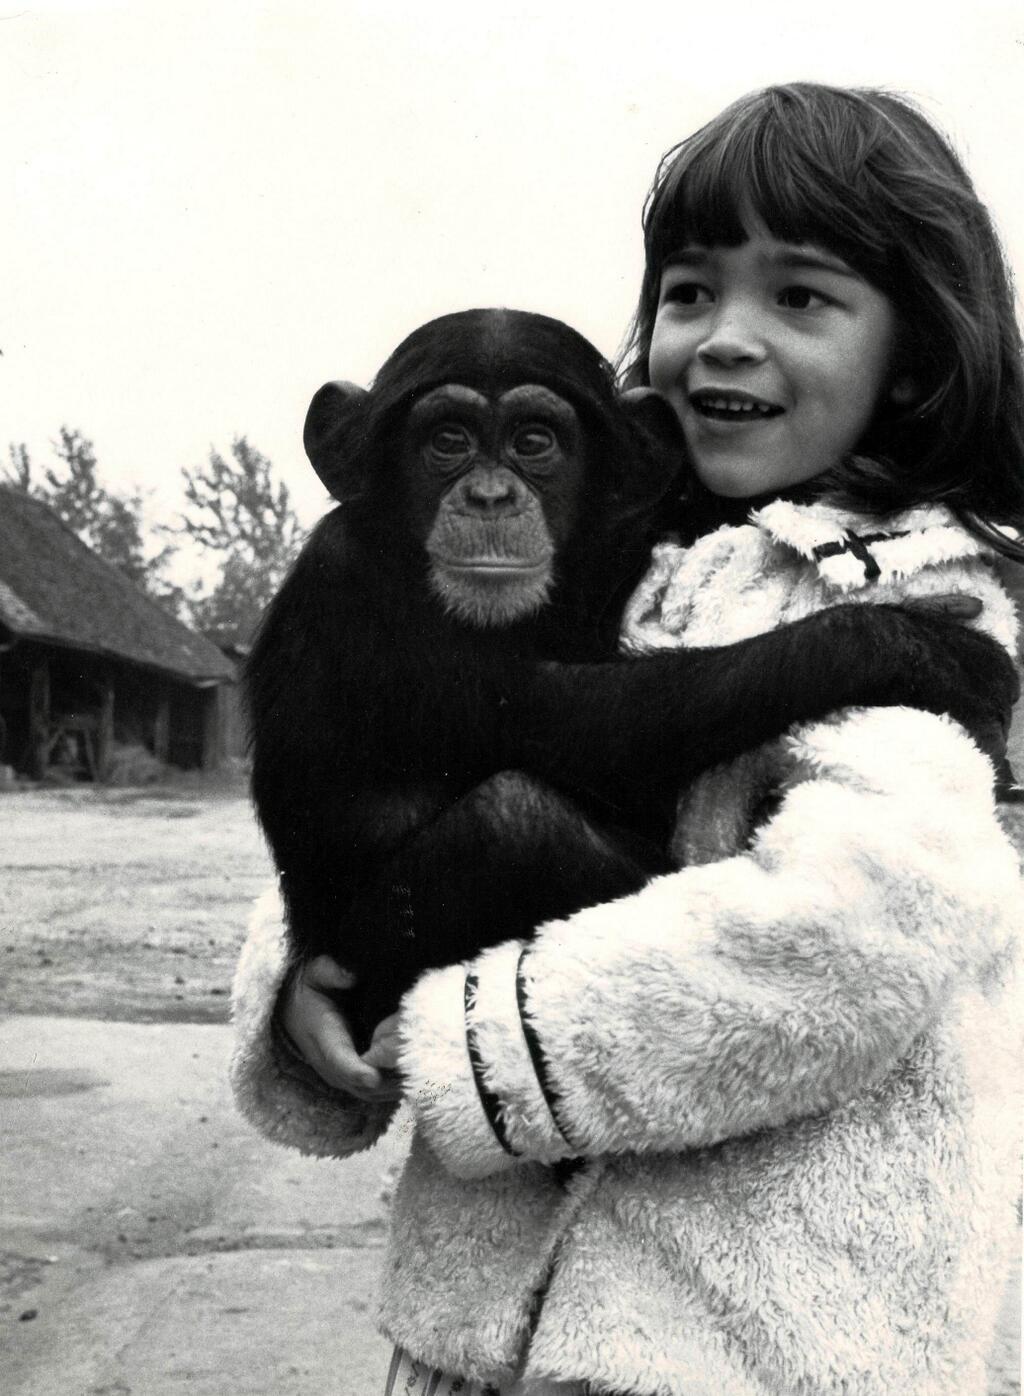 Önnur mynd af Vivian með simpansa, úr tökum á 2001: A Space Odyssey